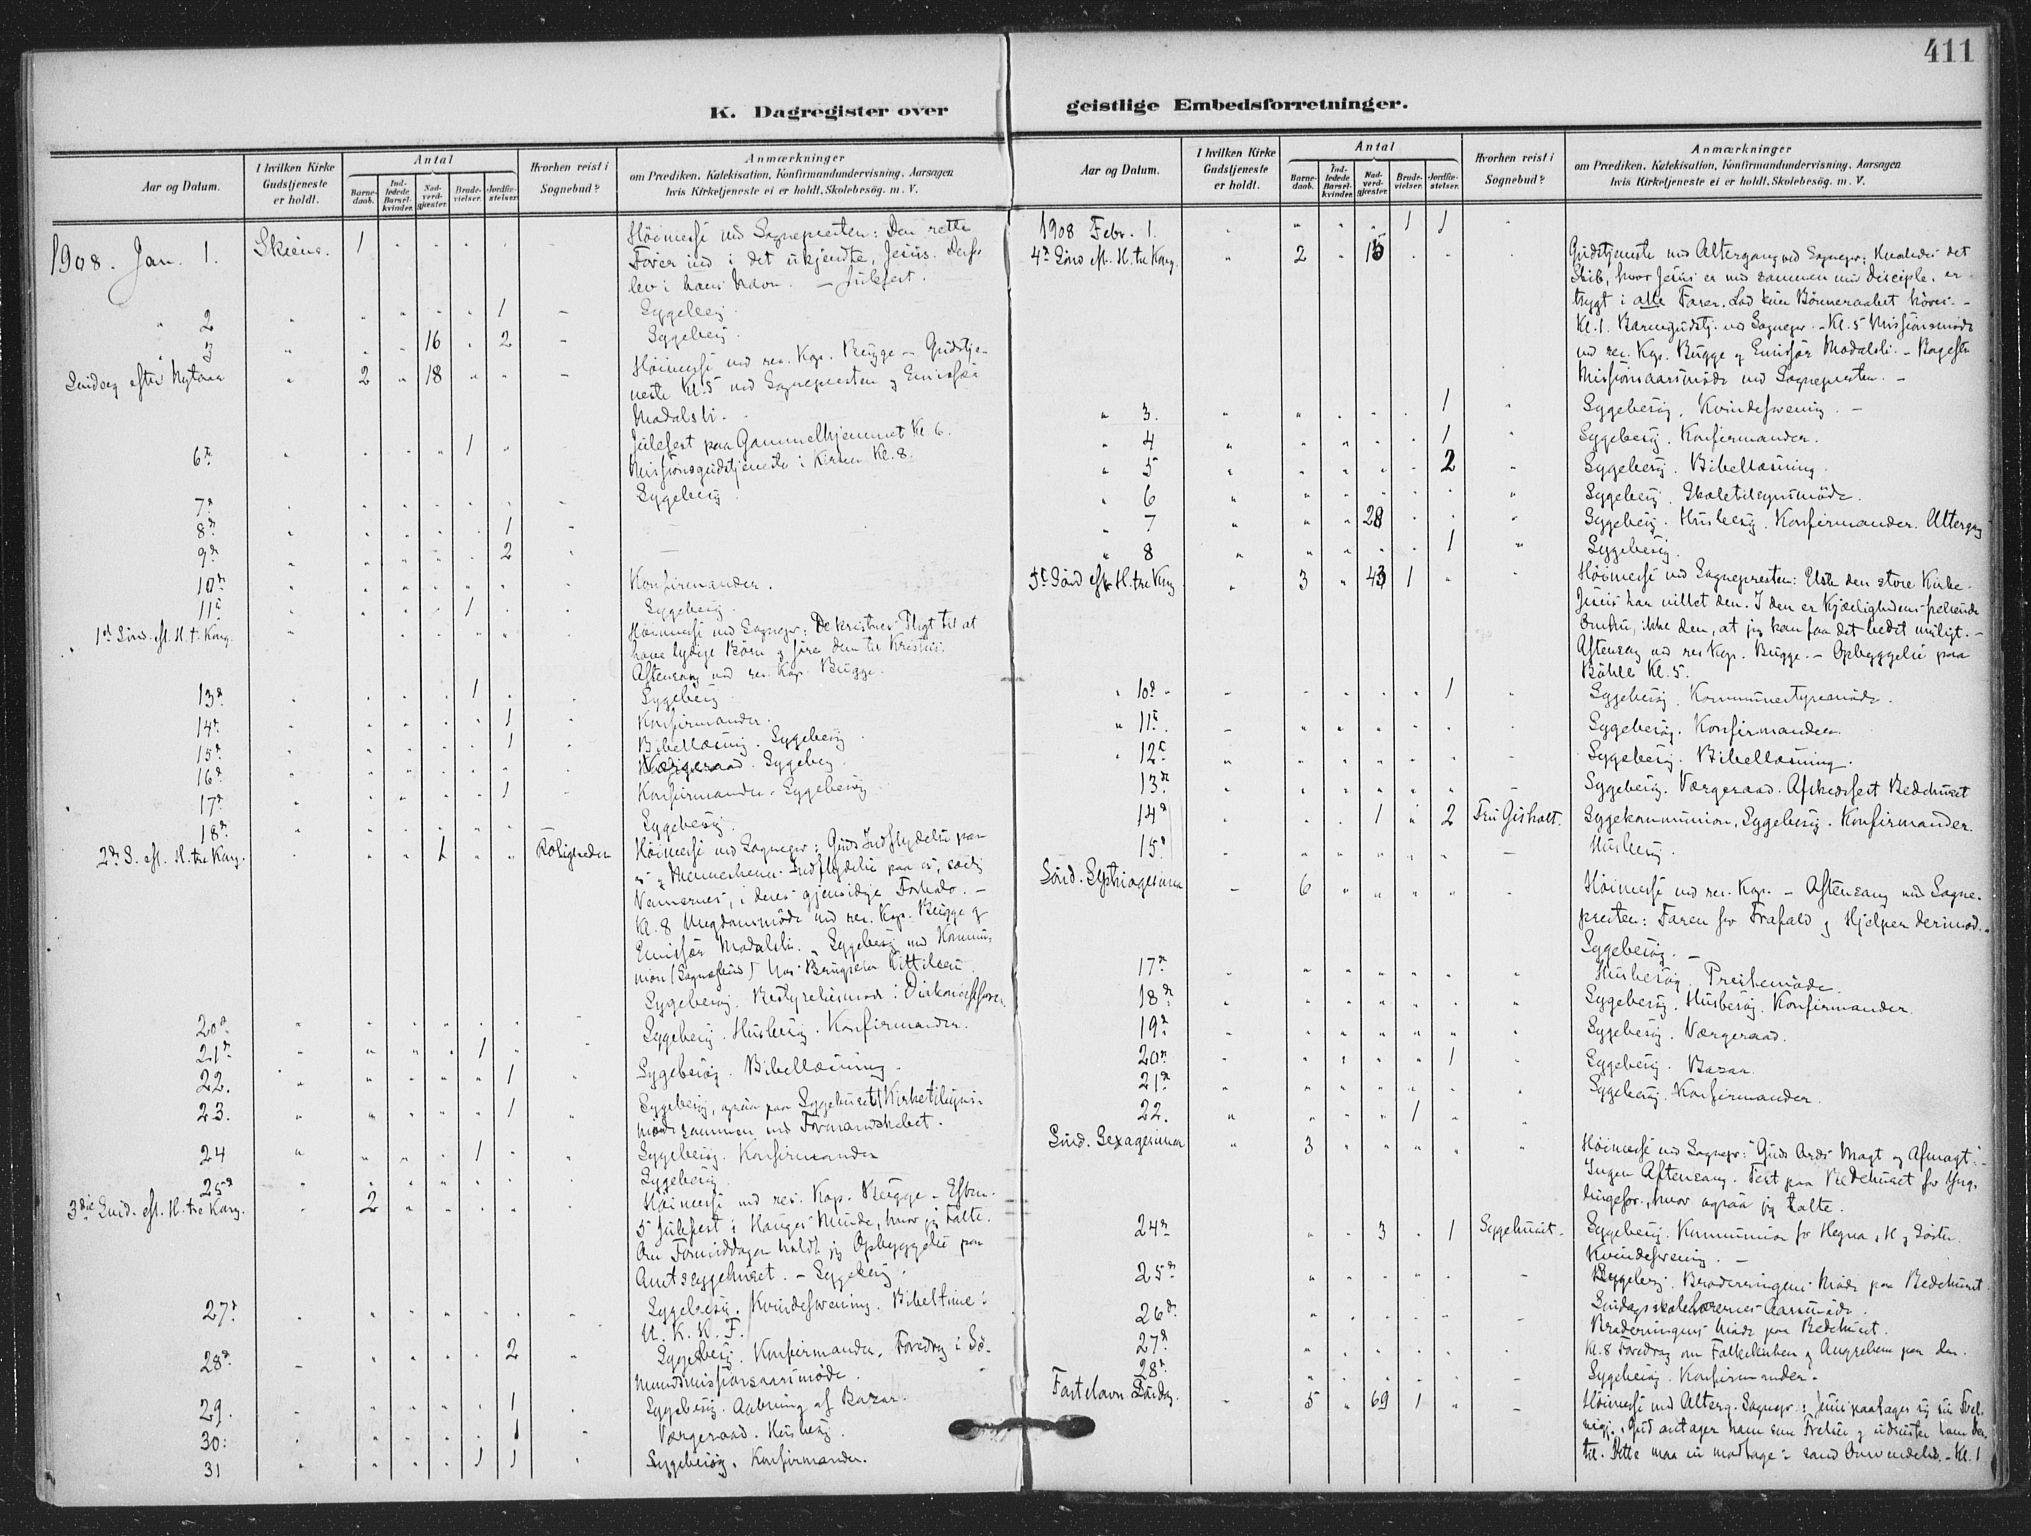 SAKO, Skien kirkebøker, F/Fa/L0012: Ministerialbok nr. 12, 1908-1914, s. 411